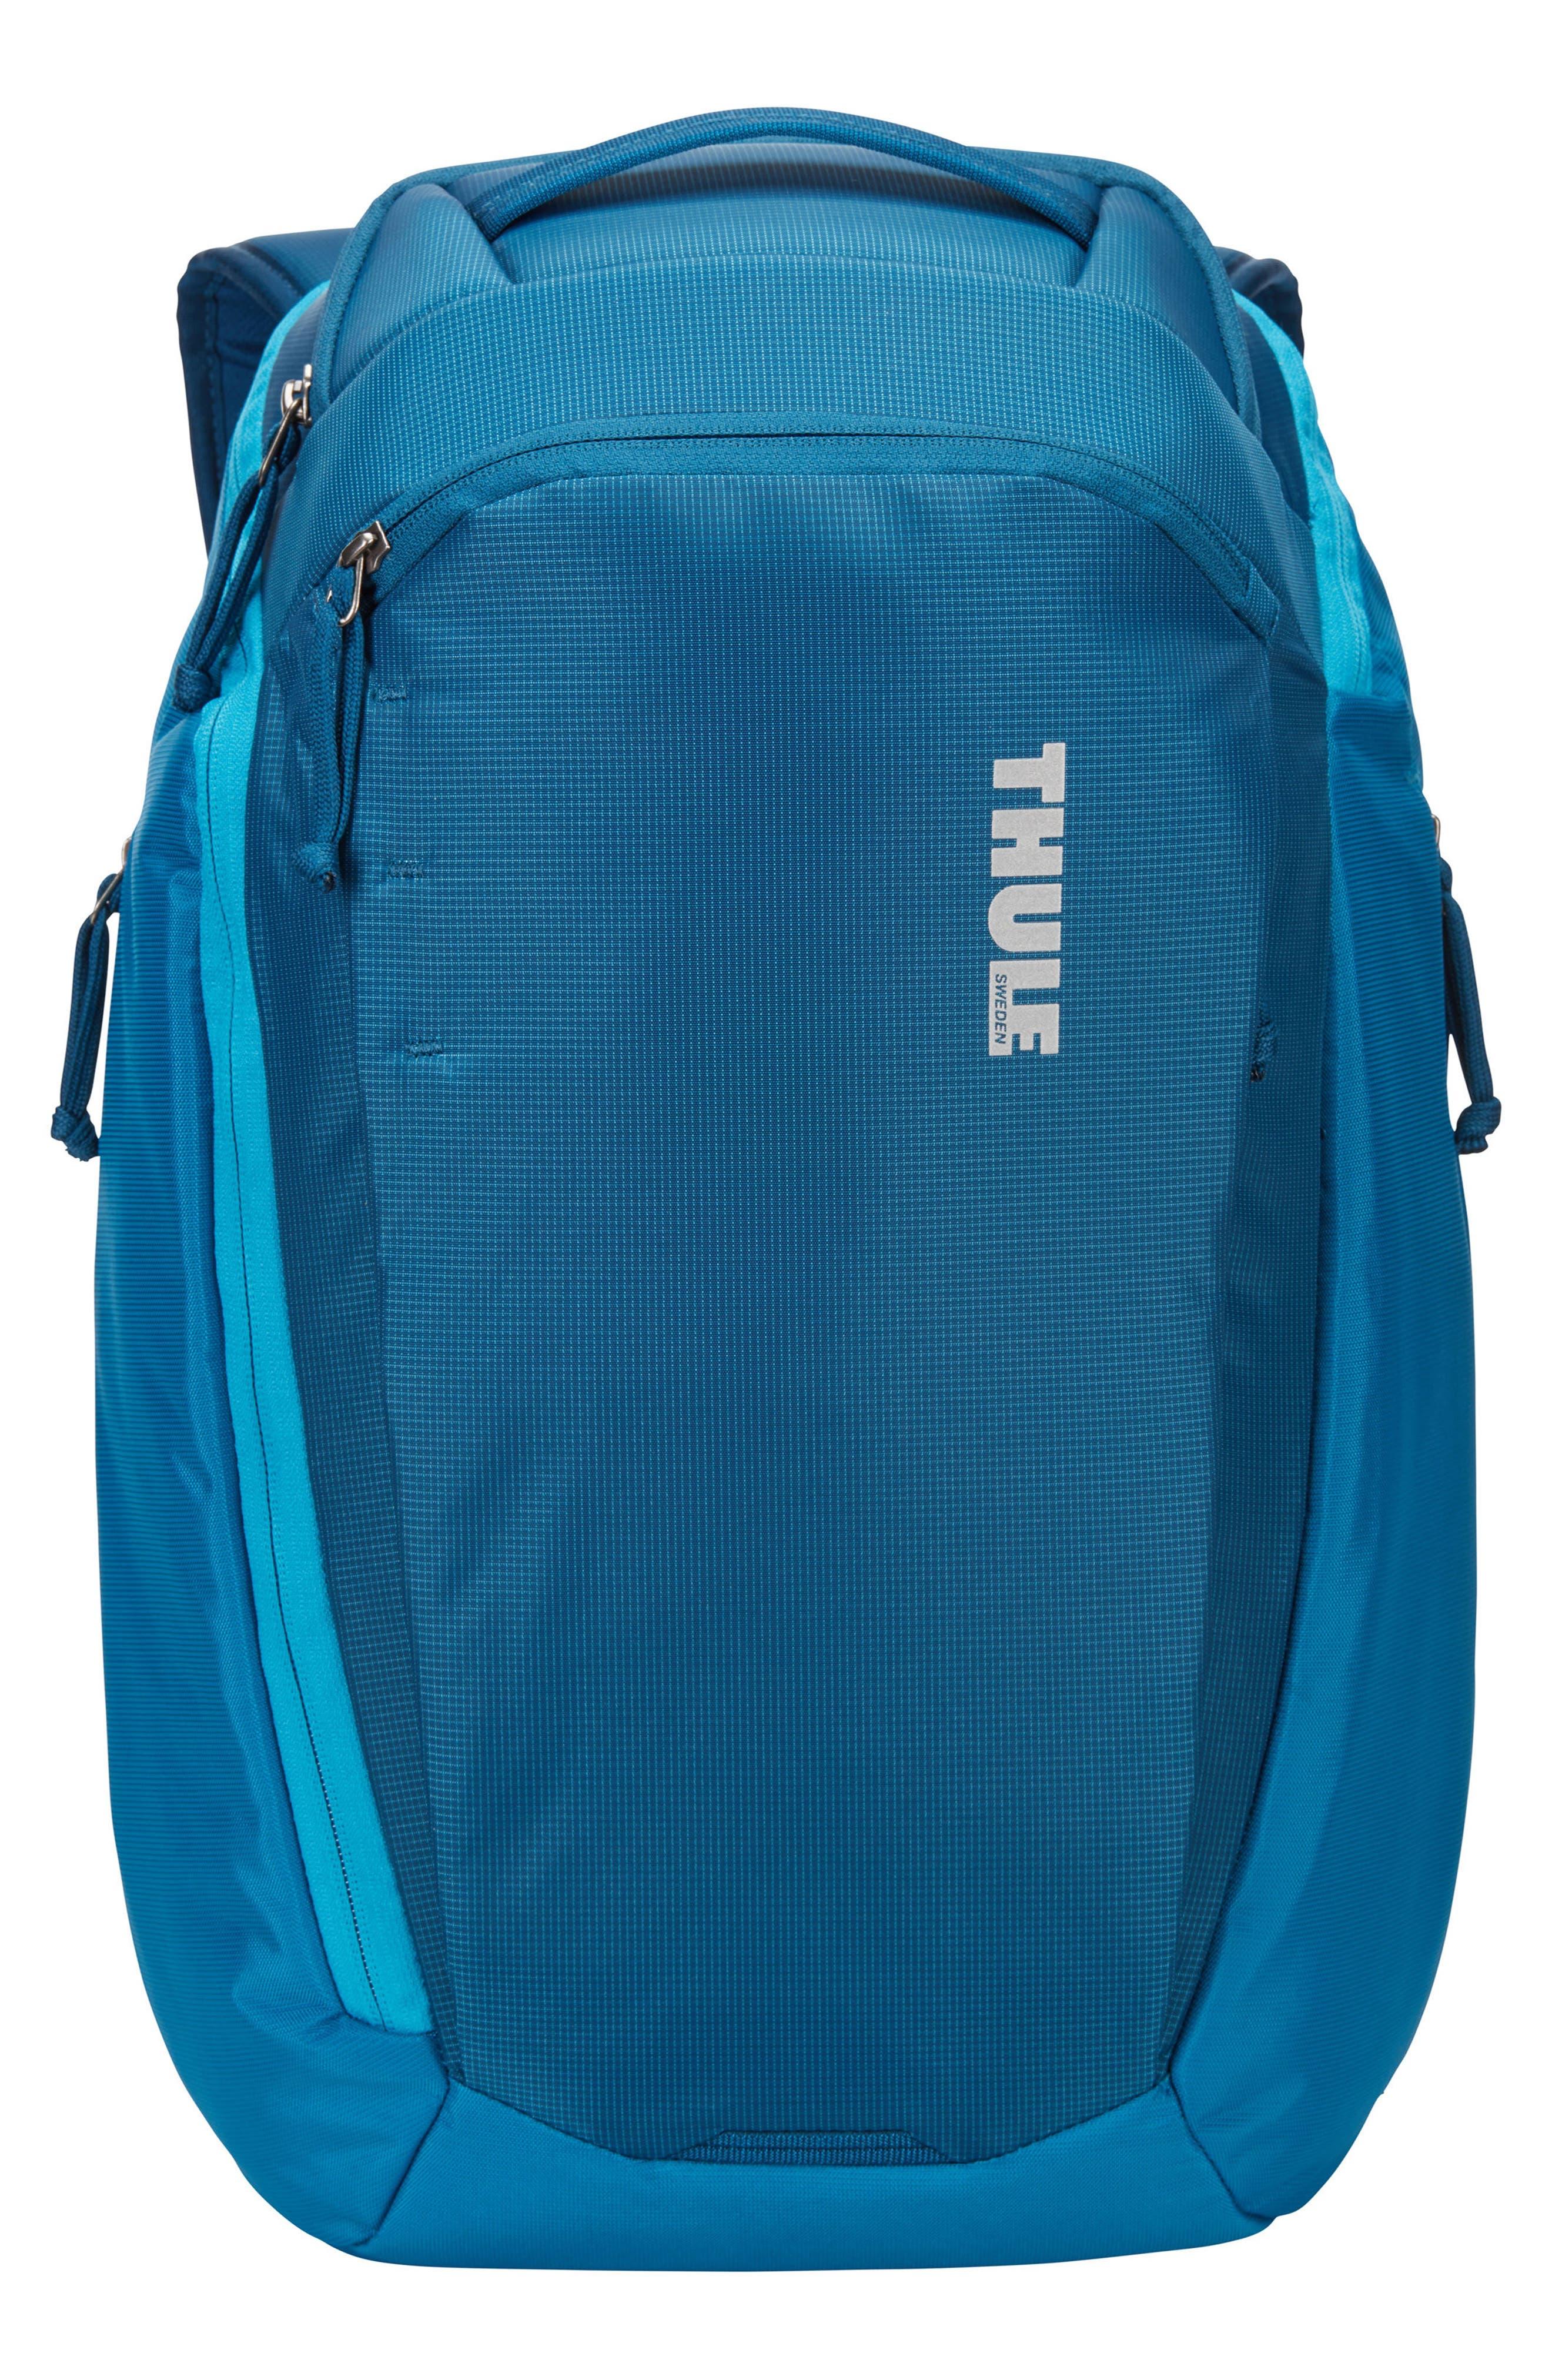 EnRoute Backpack,                         Main,                         color, POSEIDON